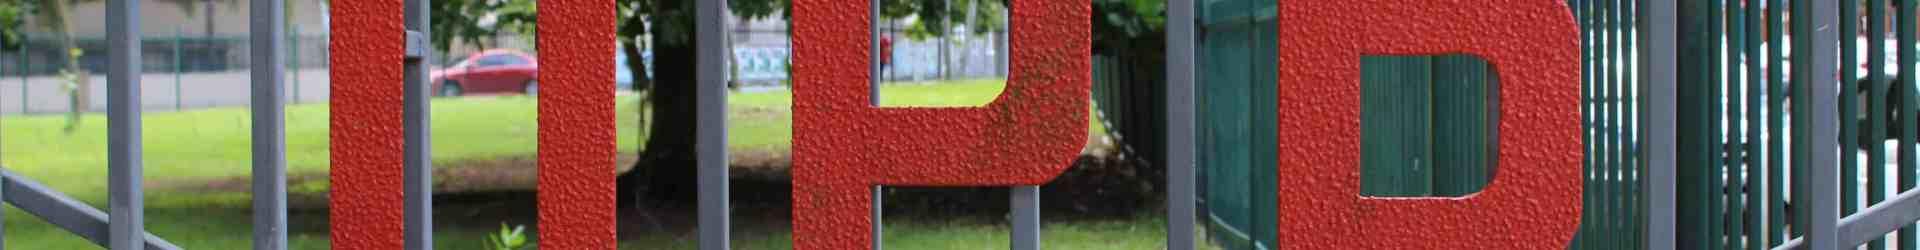 Educación federal paraliza proceso de reinstalación UPR por falta de rectores